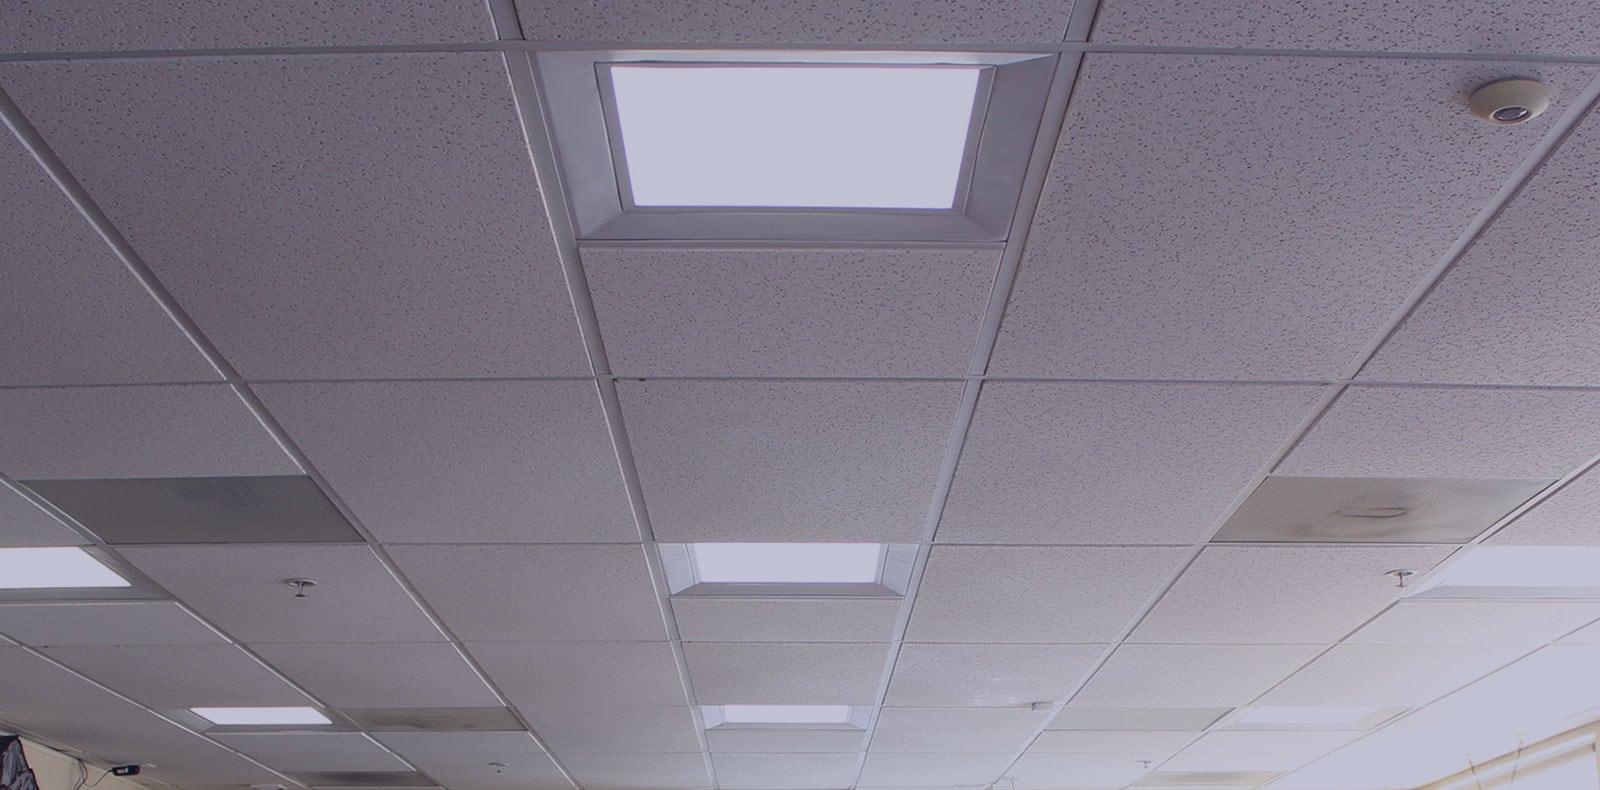 SloanLED C Store Lighting Solutions Story